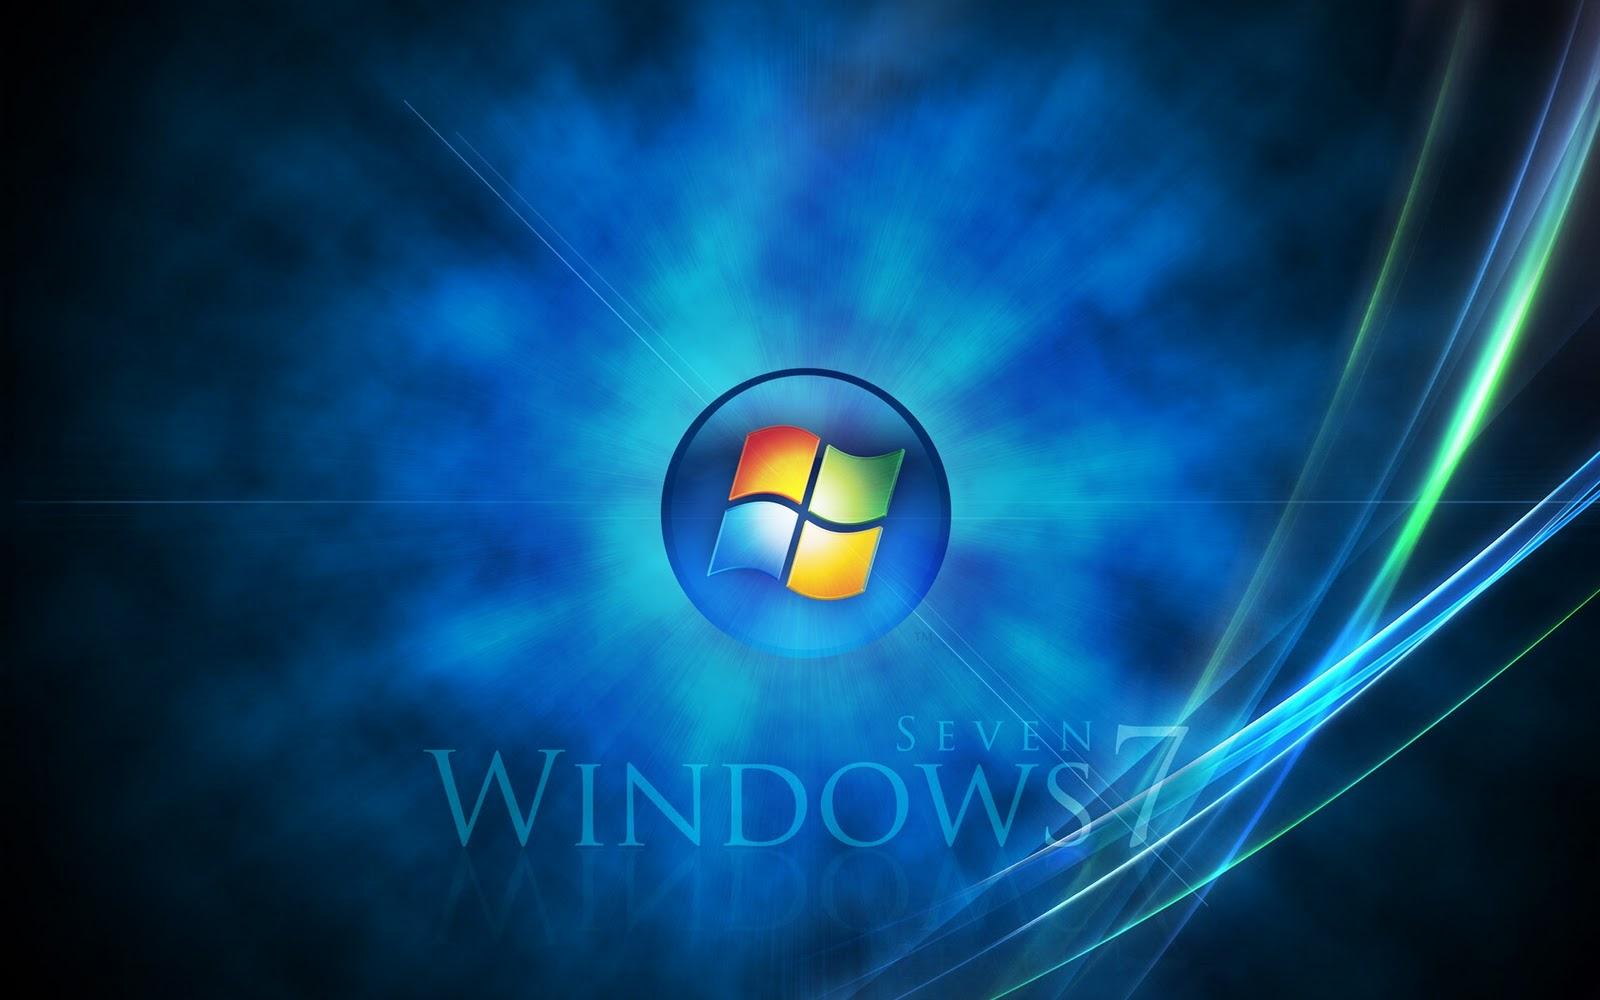 http://2.bp.blogspot.com/_RAlP3BmEW1Q/TQYPBIpIIAI/AAAAAAAACY4/hDasCTFfBEM/s1600/The-best-top-desktop-windows-7-wallpapers-6.jpg